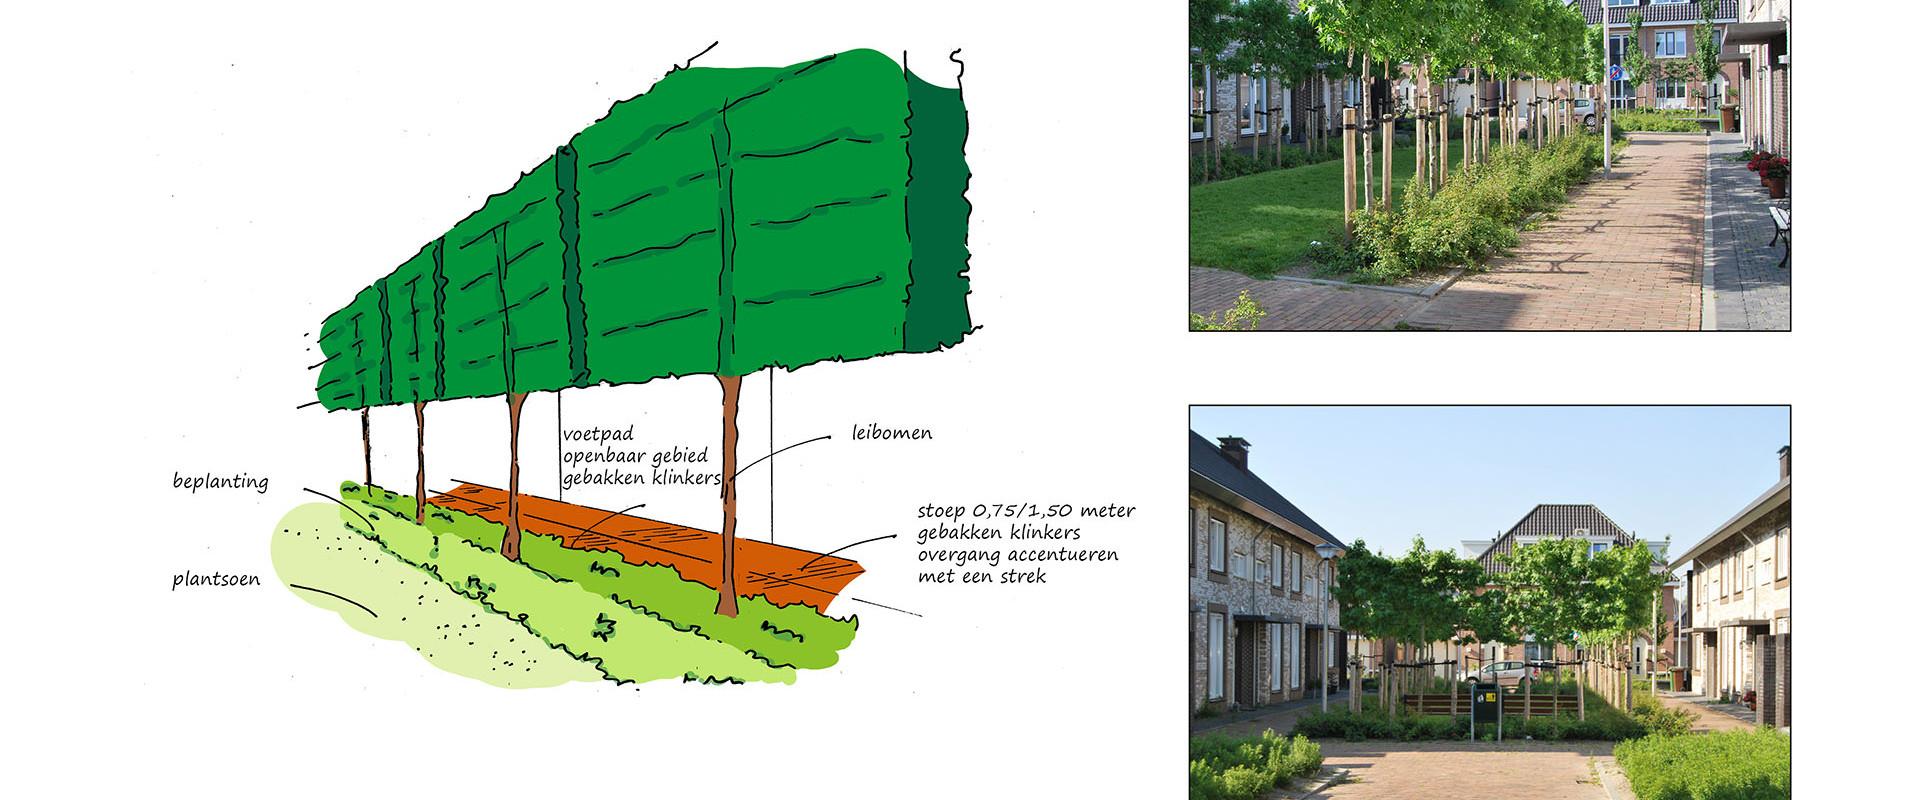 150701_Hoef en haag_dorpsHart_studie overgang openbaar prive2